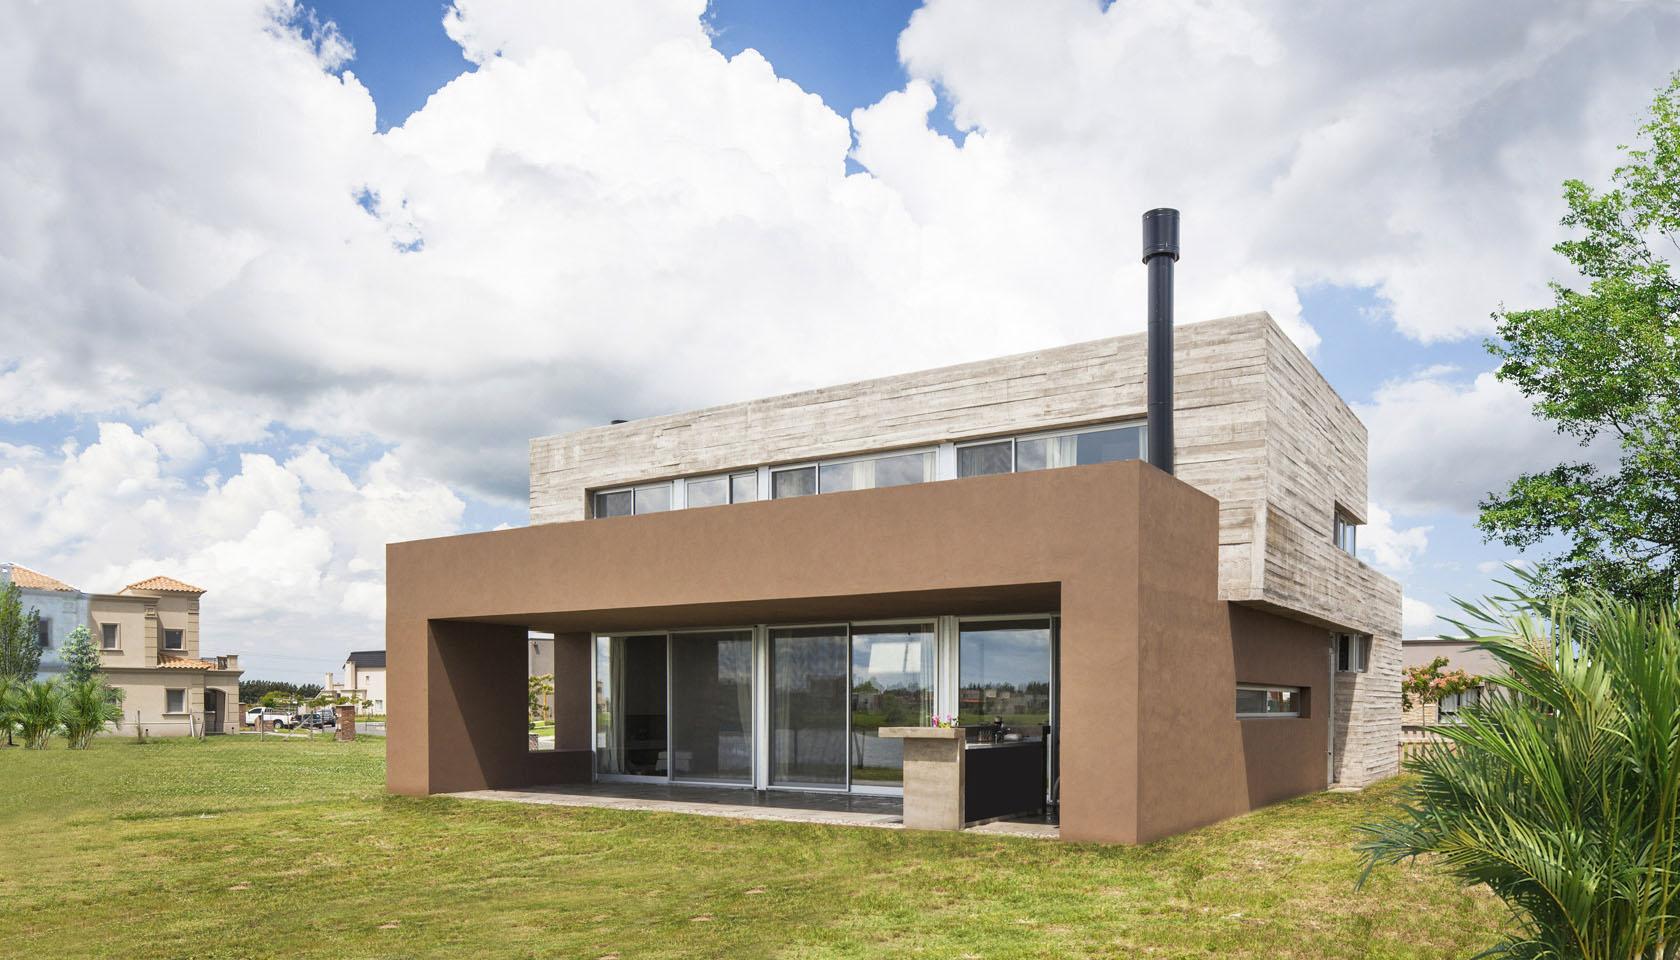 Casas minimalistas, casas de hormigón a la vista